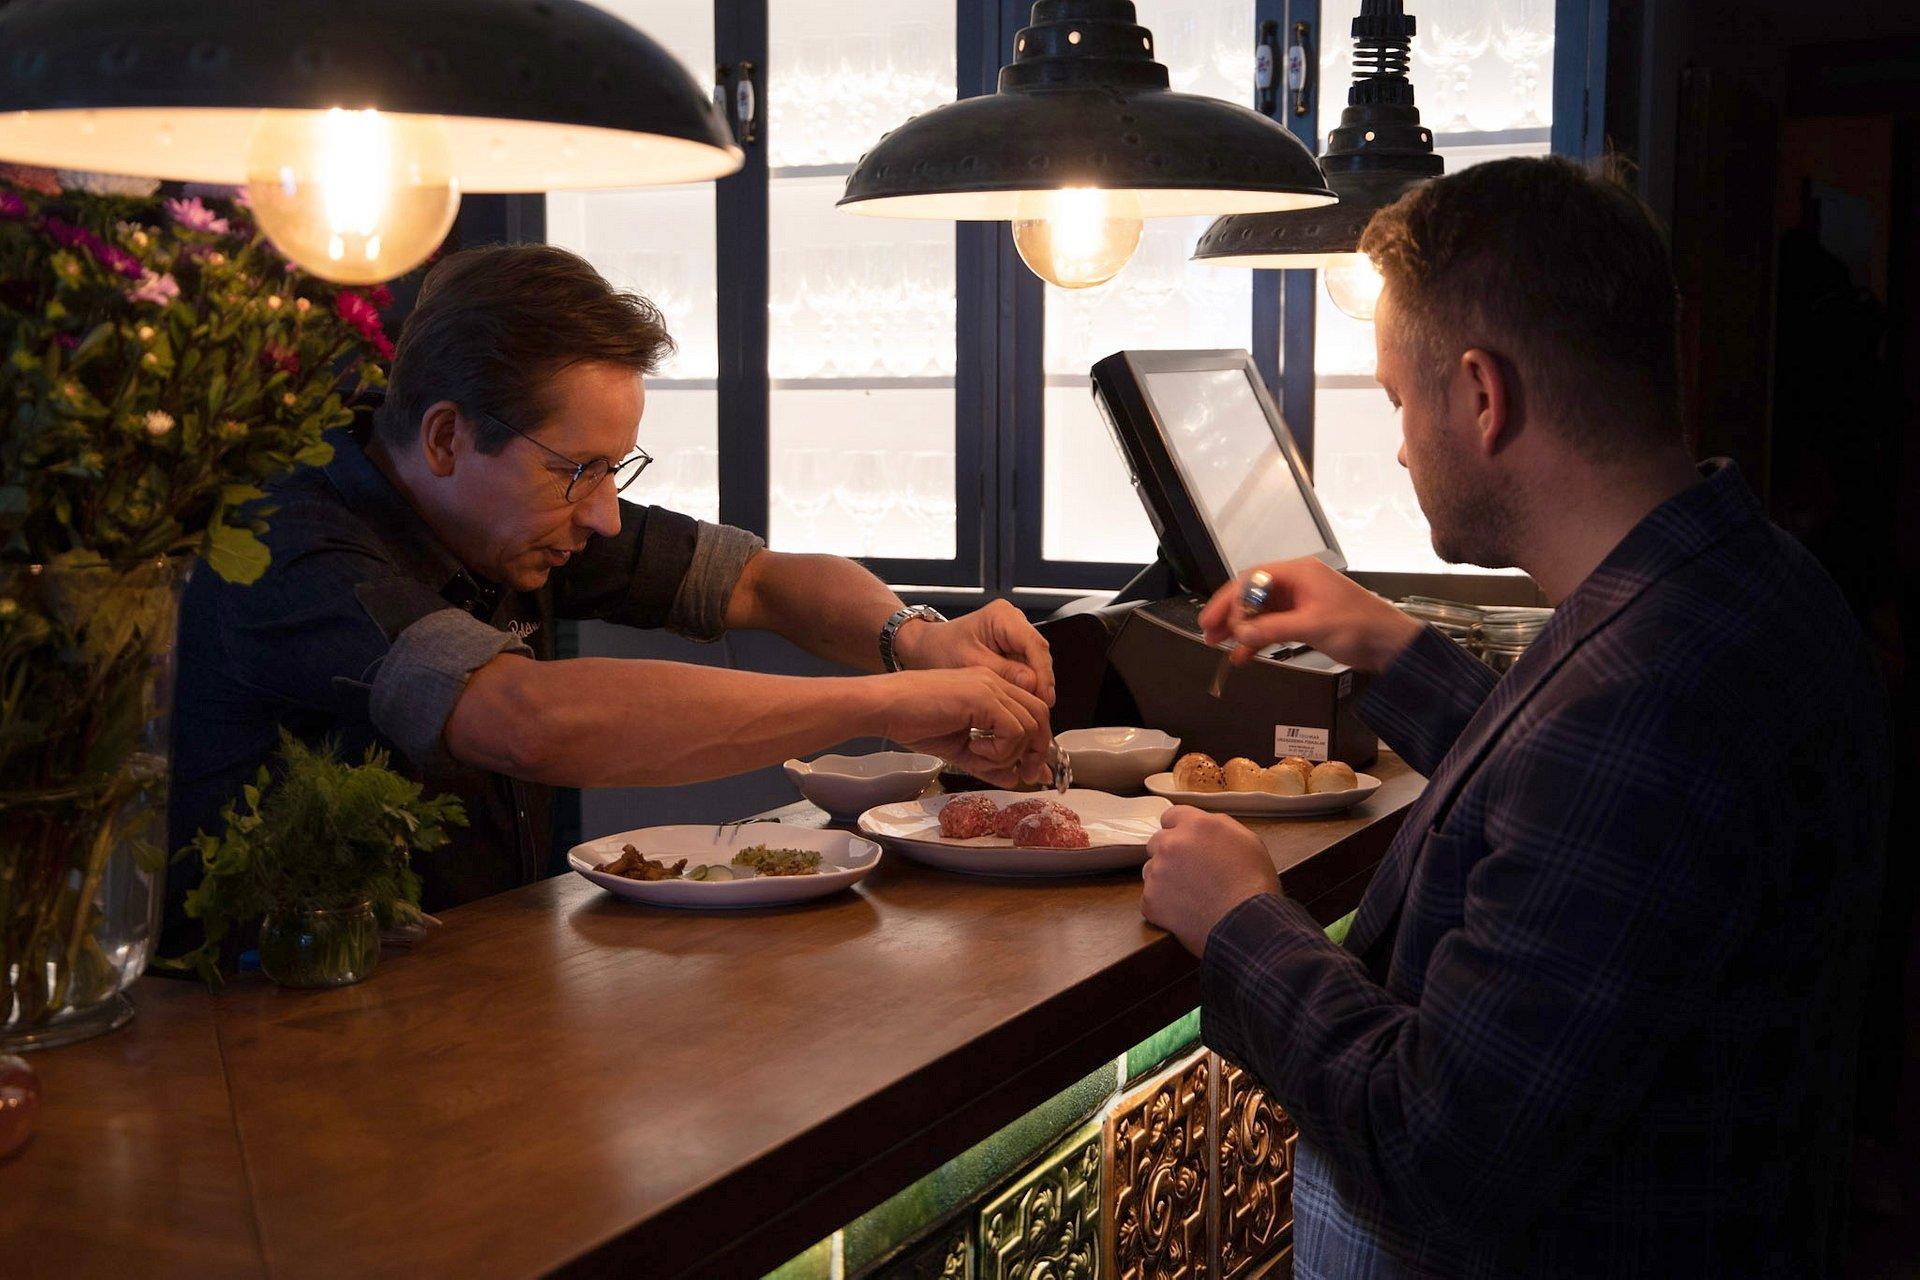 Obejrzyj wywiad z Andrzejem Polanem! Rozmowa, która pobudza kubki smakowe.